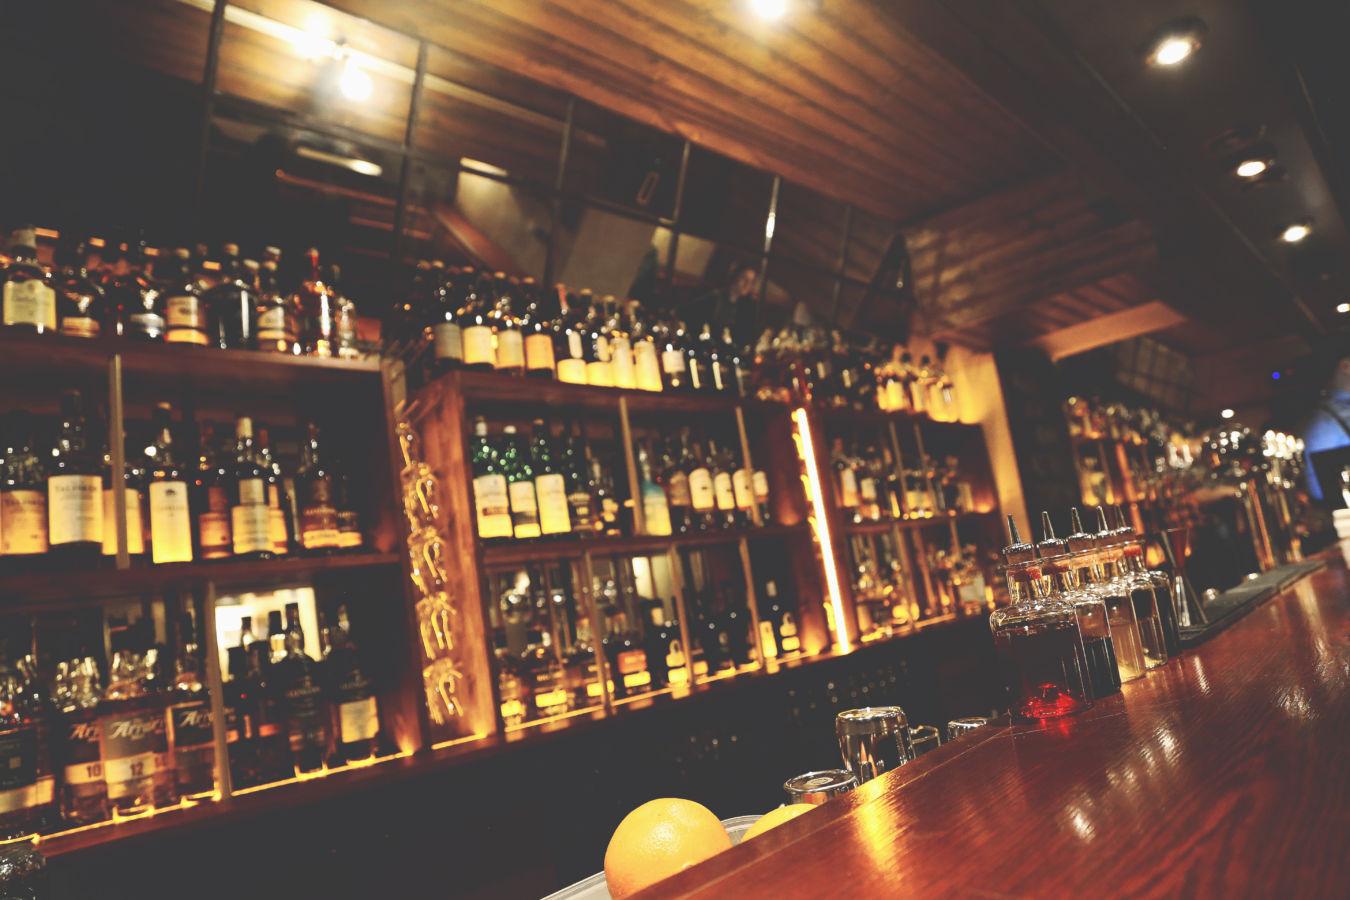 Whiskey je pro všechny, hlásá nový brněnský bar